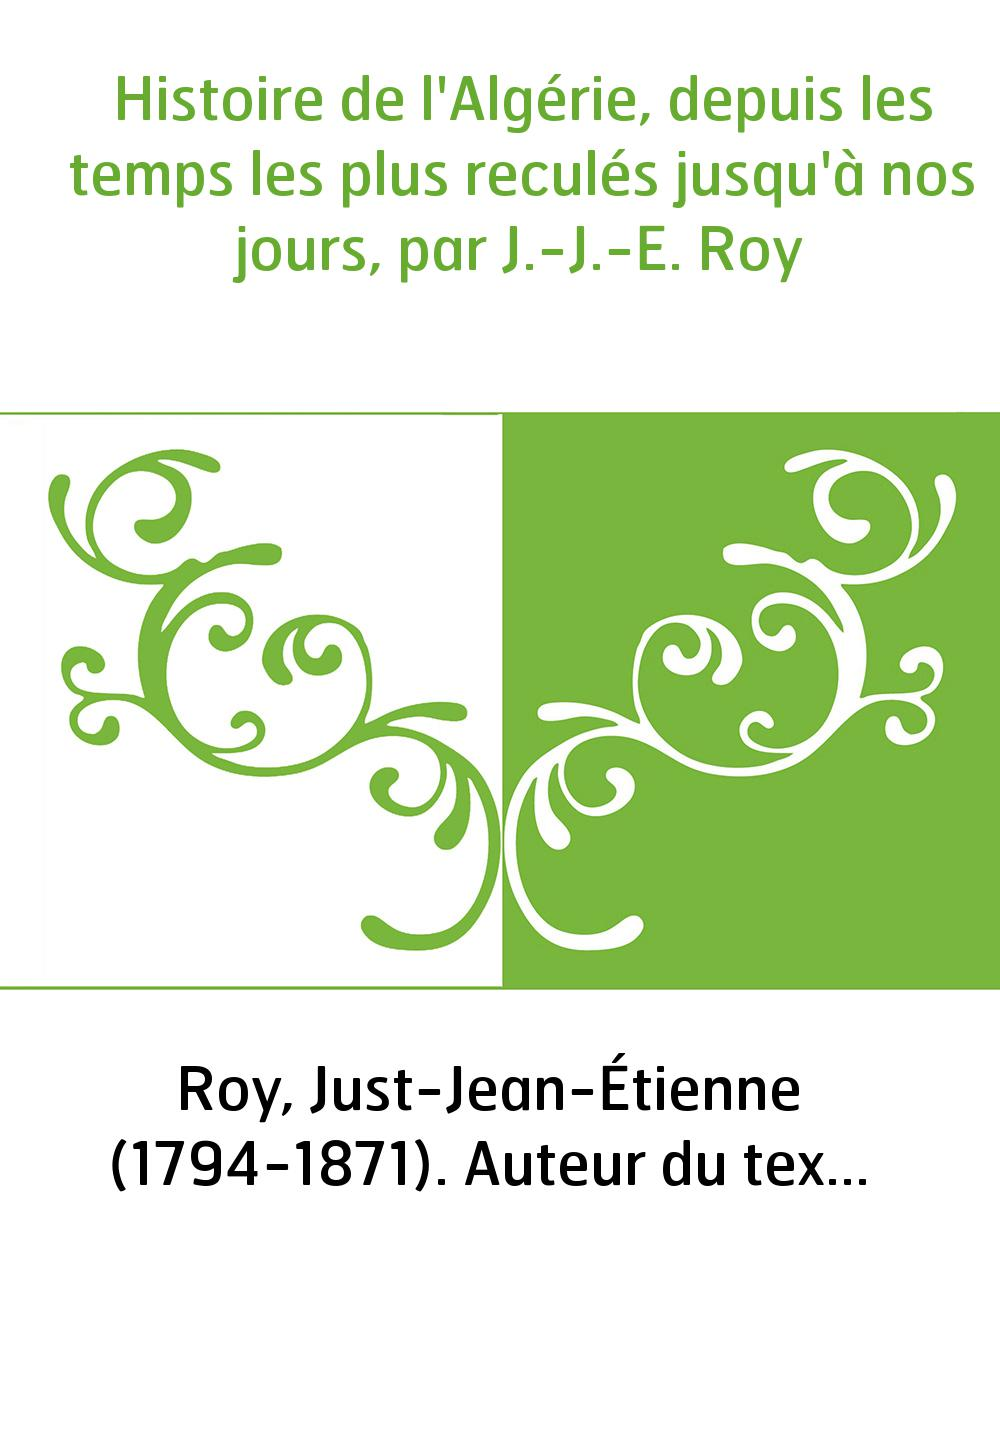 Histoire de l'Algérie, depuis les temps les plus reculés jusqu'à nos jours, par J.-J.-E. Roy